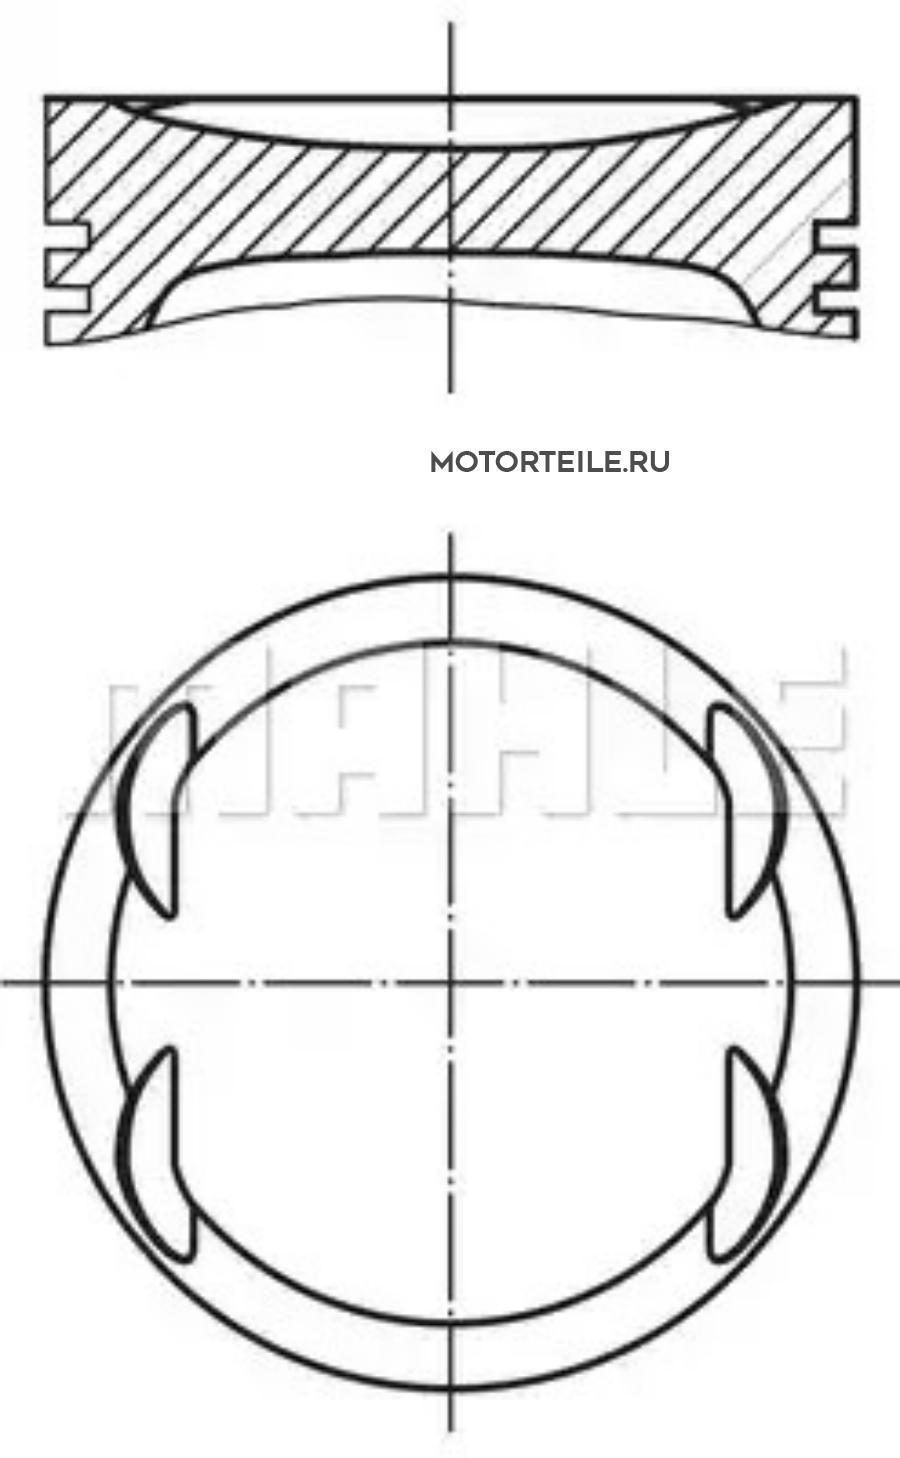 Поршнекомплект MB M271.940 d82.0 STD (271 030 22 17)